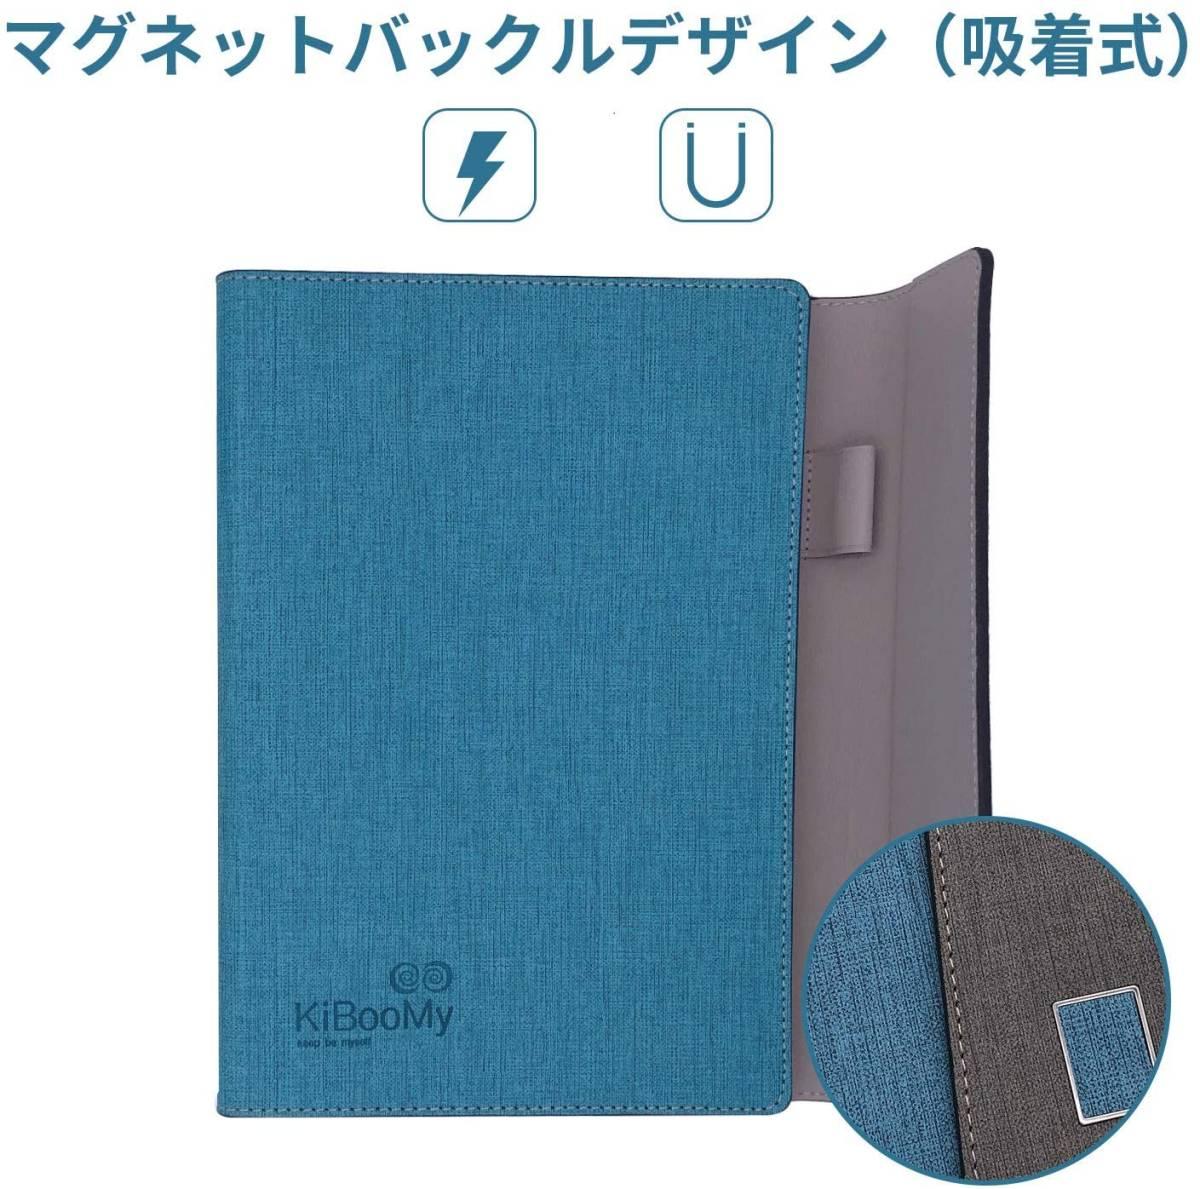 システム手帳カバー A5 KiBooMy PUレザー製 リフィル100枚付属 カード収納ケース付きA5サイズ メモ帳 ノート スタンダードタイプ 6穴リング_画像5